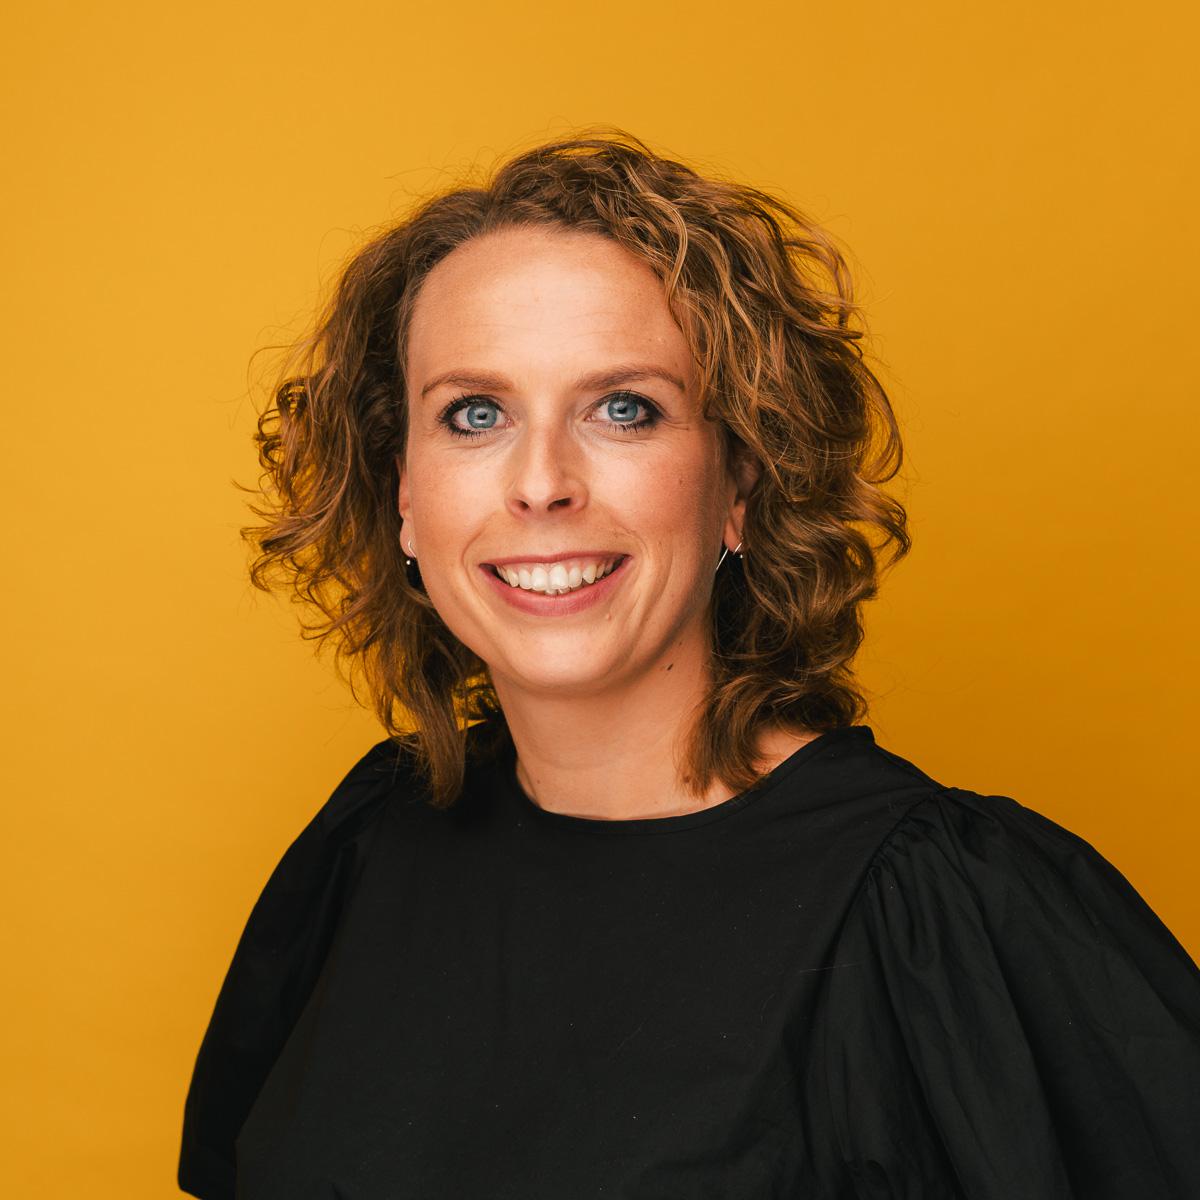 Lindsay Gijsen